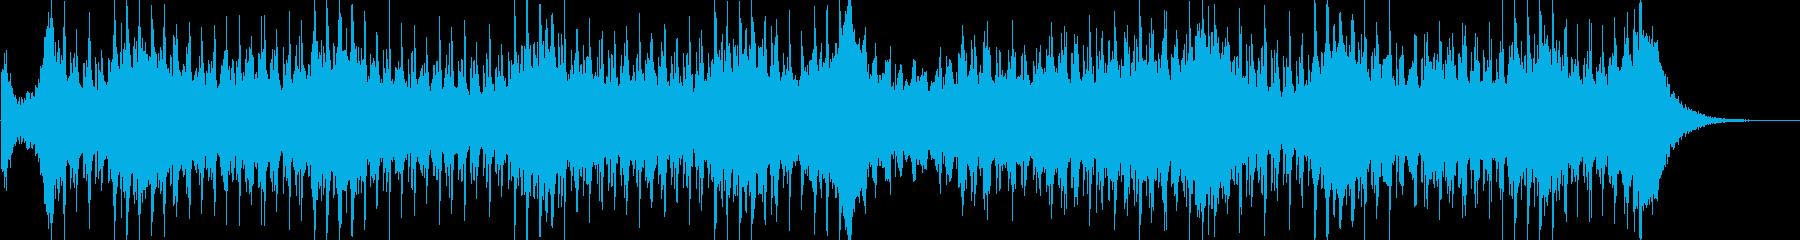 エレクトロでピアノメロの意気込みある曲の再生済みの波形